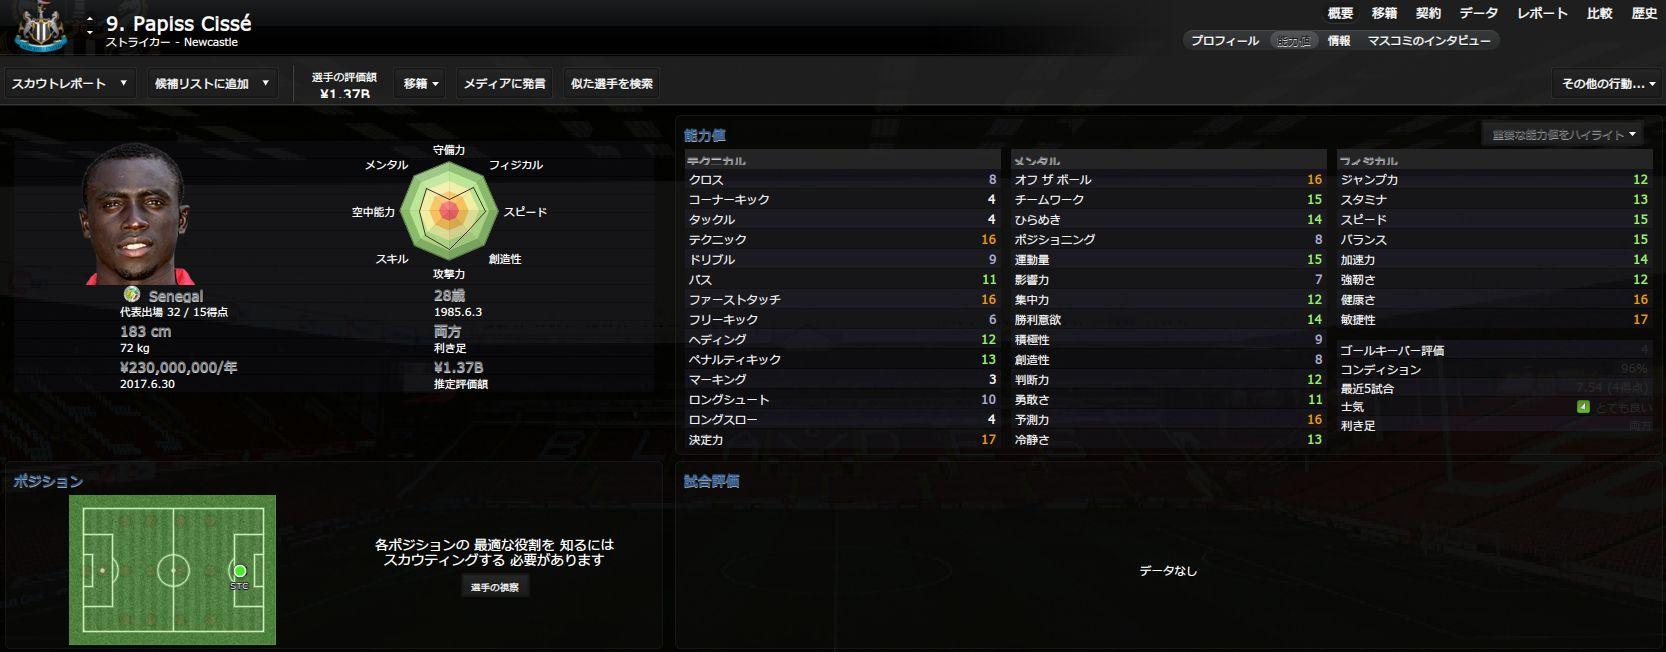 WS000812.jpg